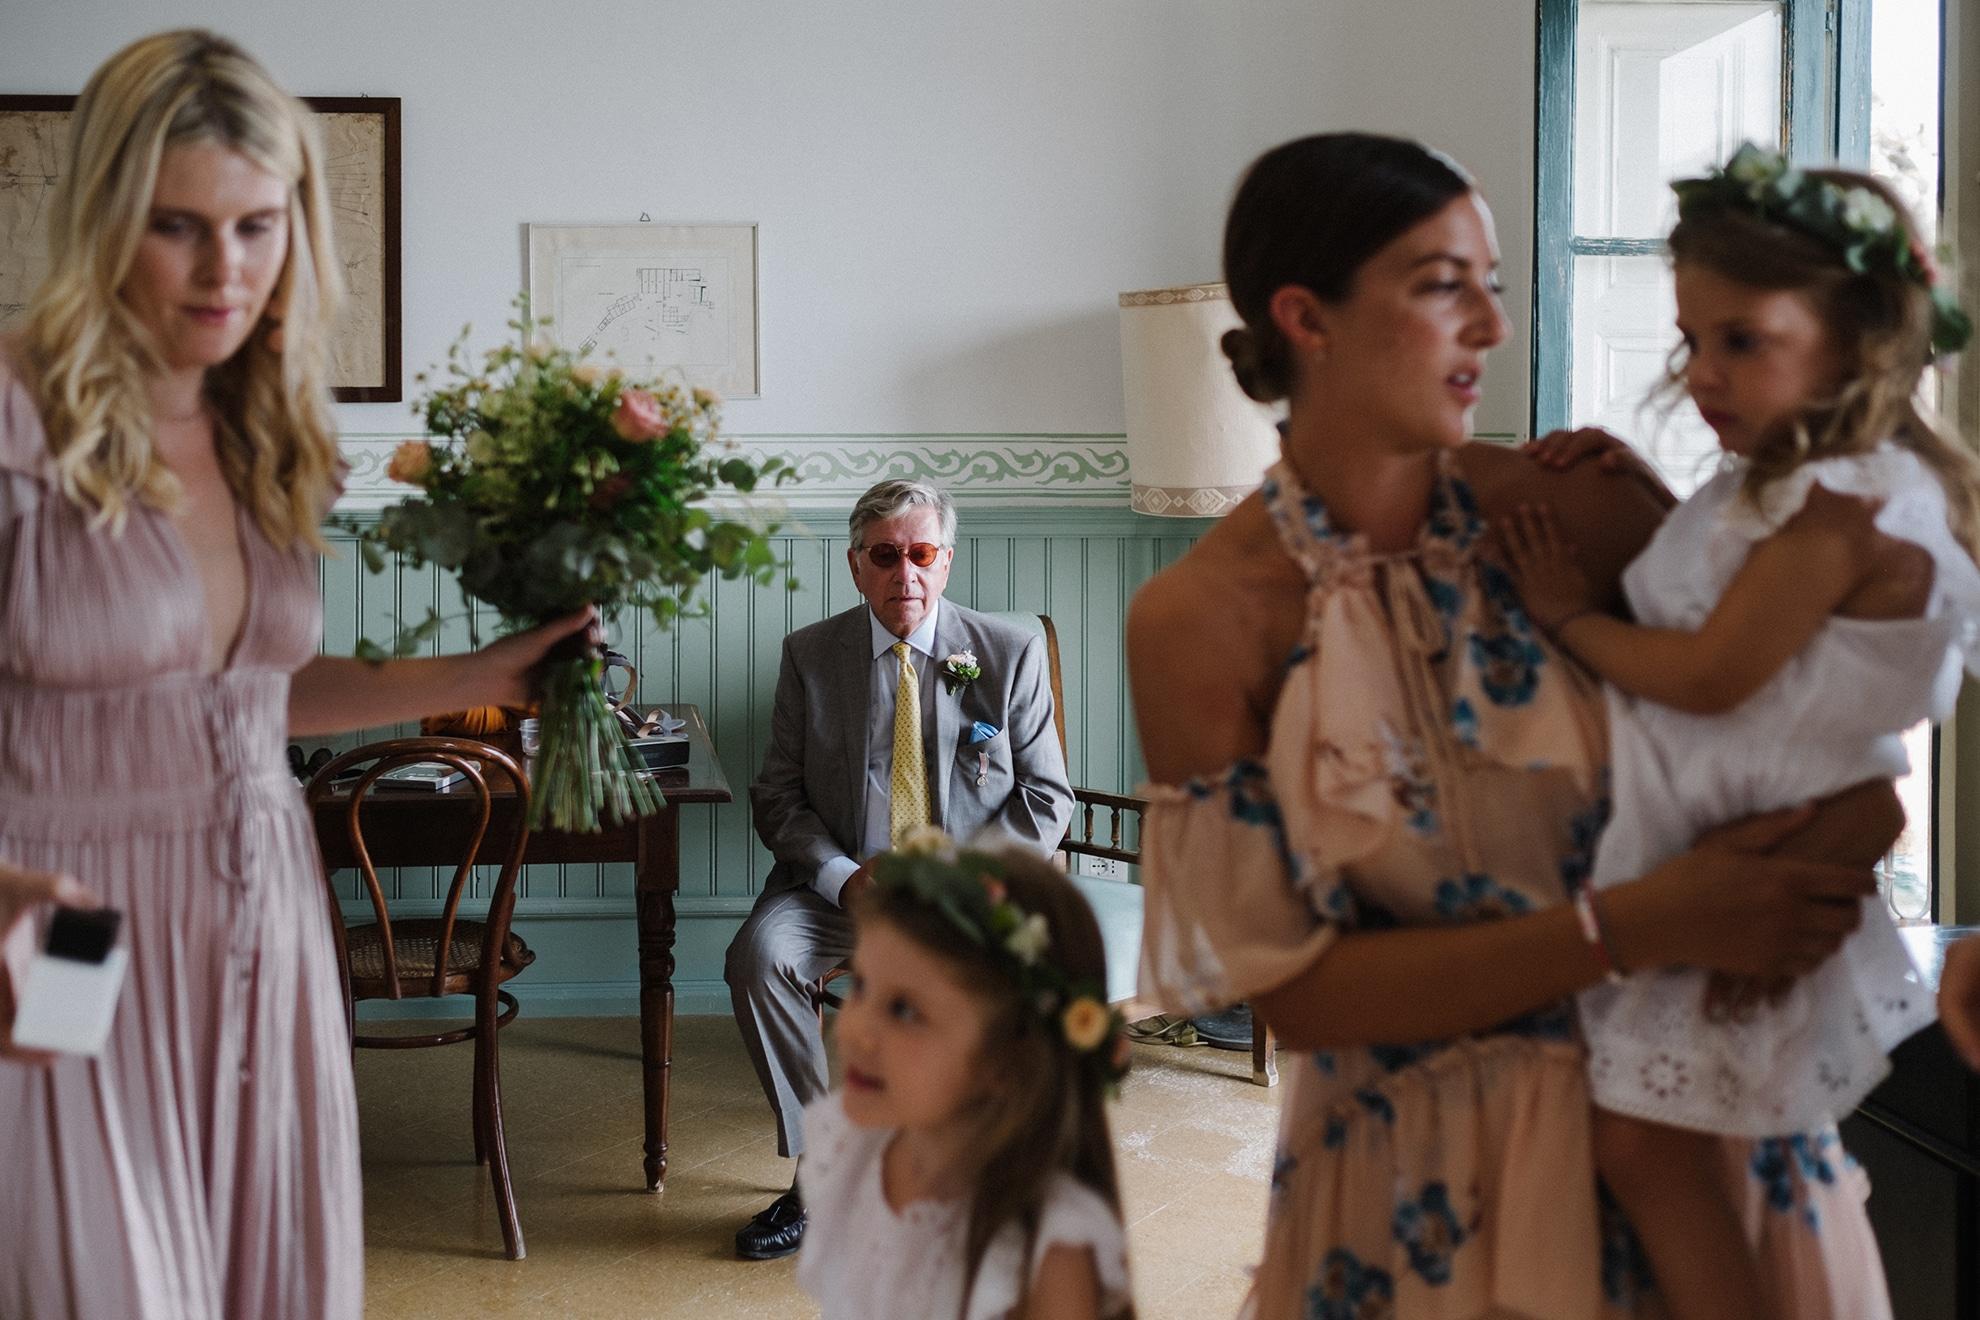 fotografia preparativi matrimonio a rimini